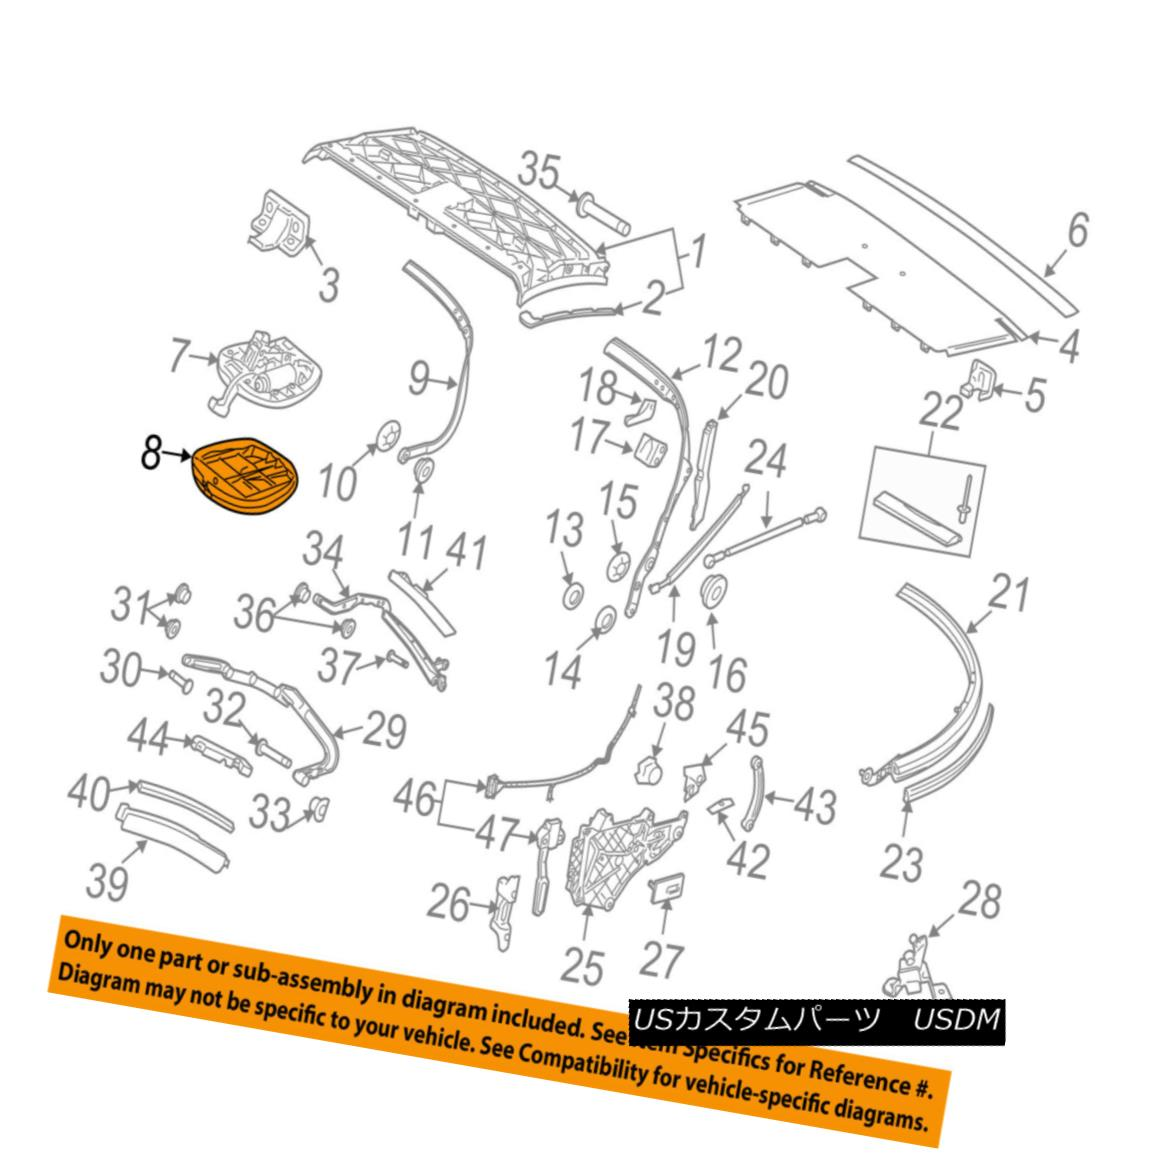 幌・ソフトトップ PORSCHE OEM 06-13 911 Convertible/soft Top-Latch Cover 9975615150001C PORSCHE OEM 06-13 911コンバーチブル/ so ftトップラッチカバー9975615150001C